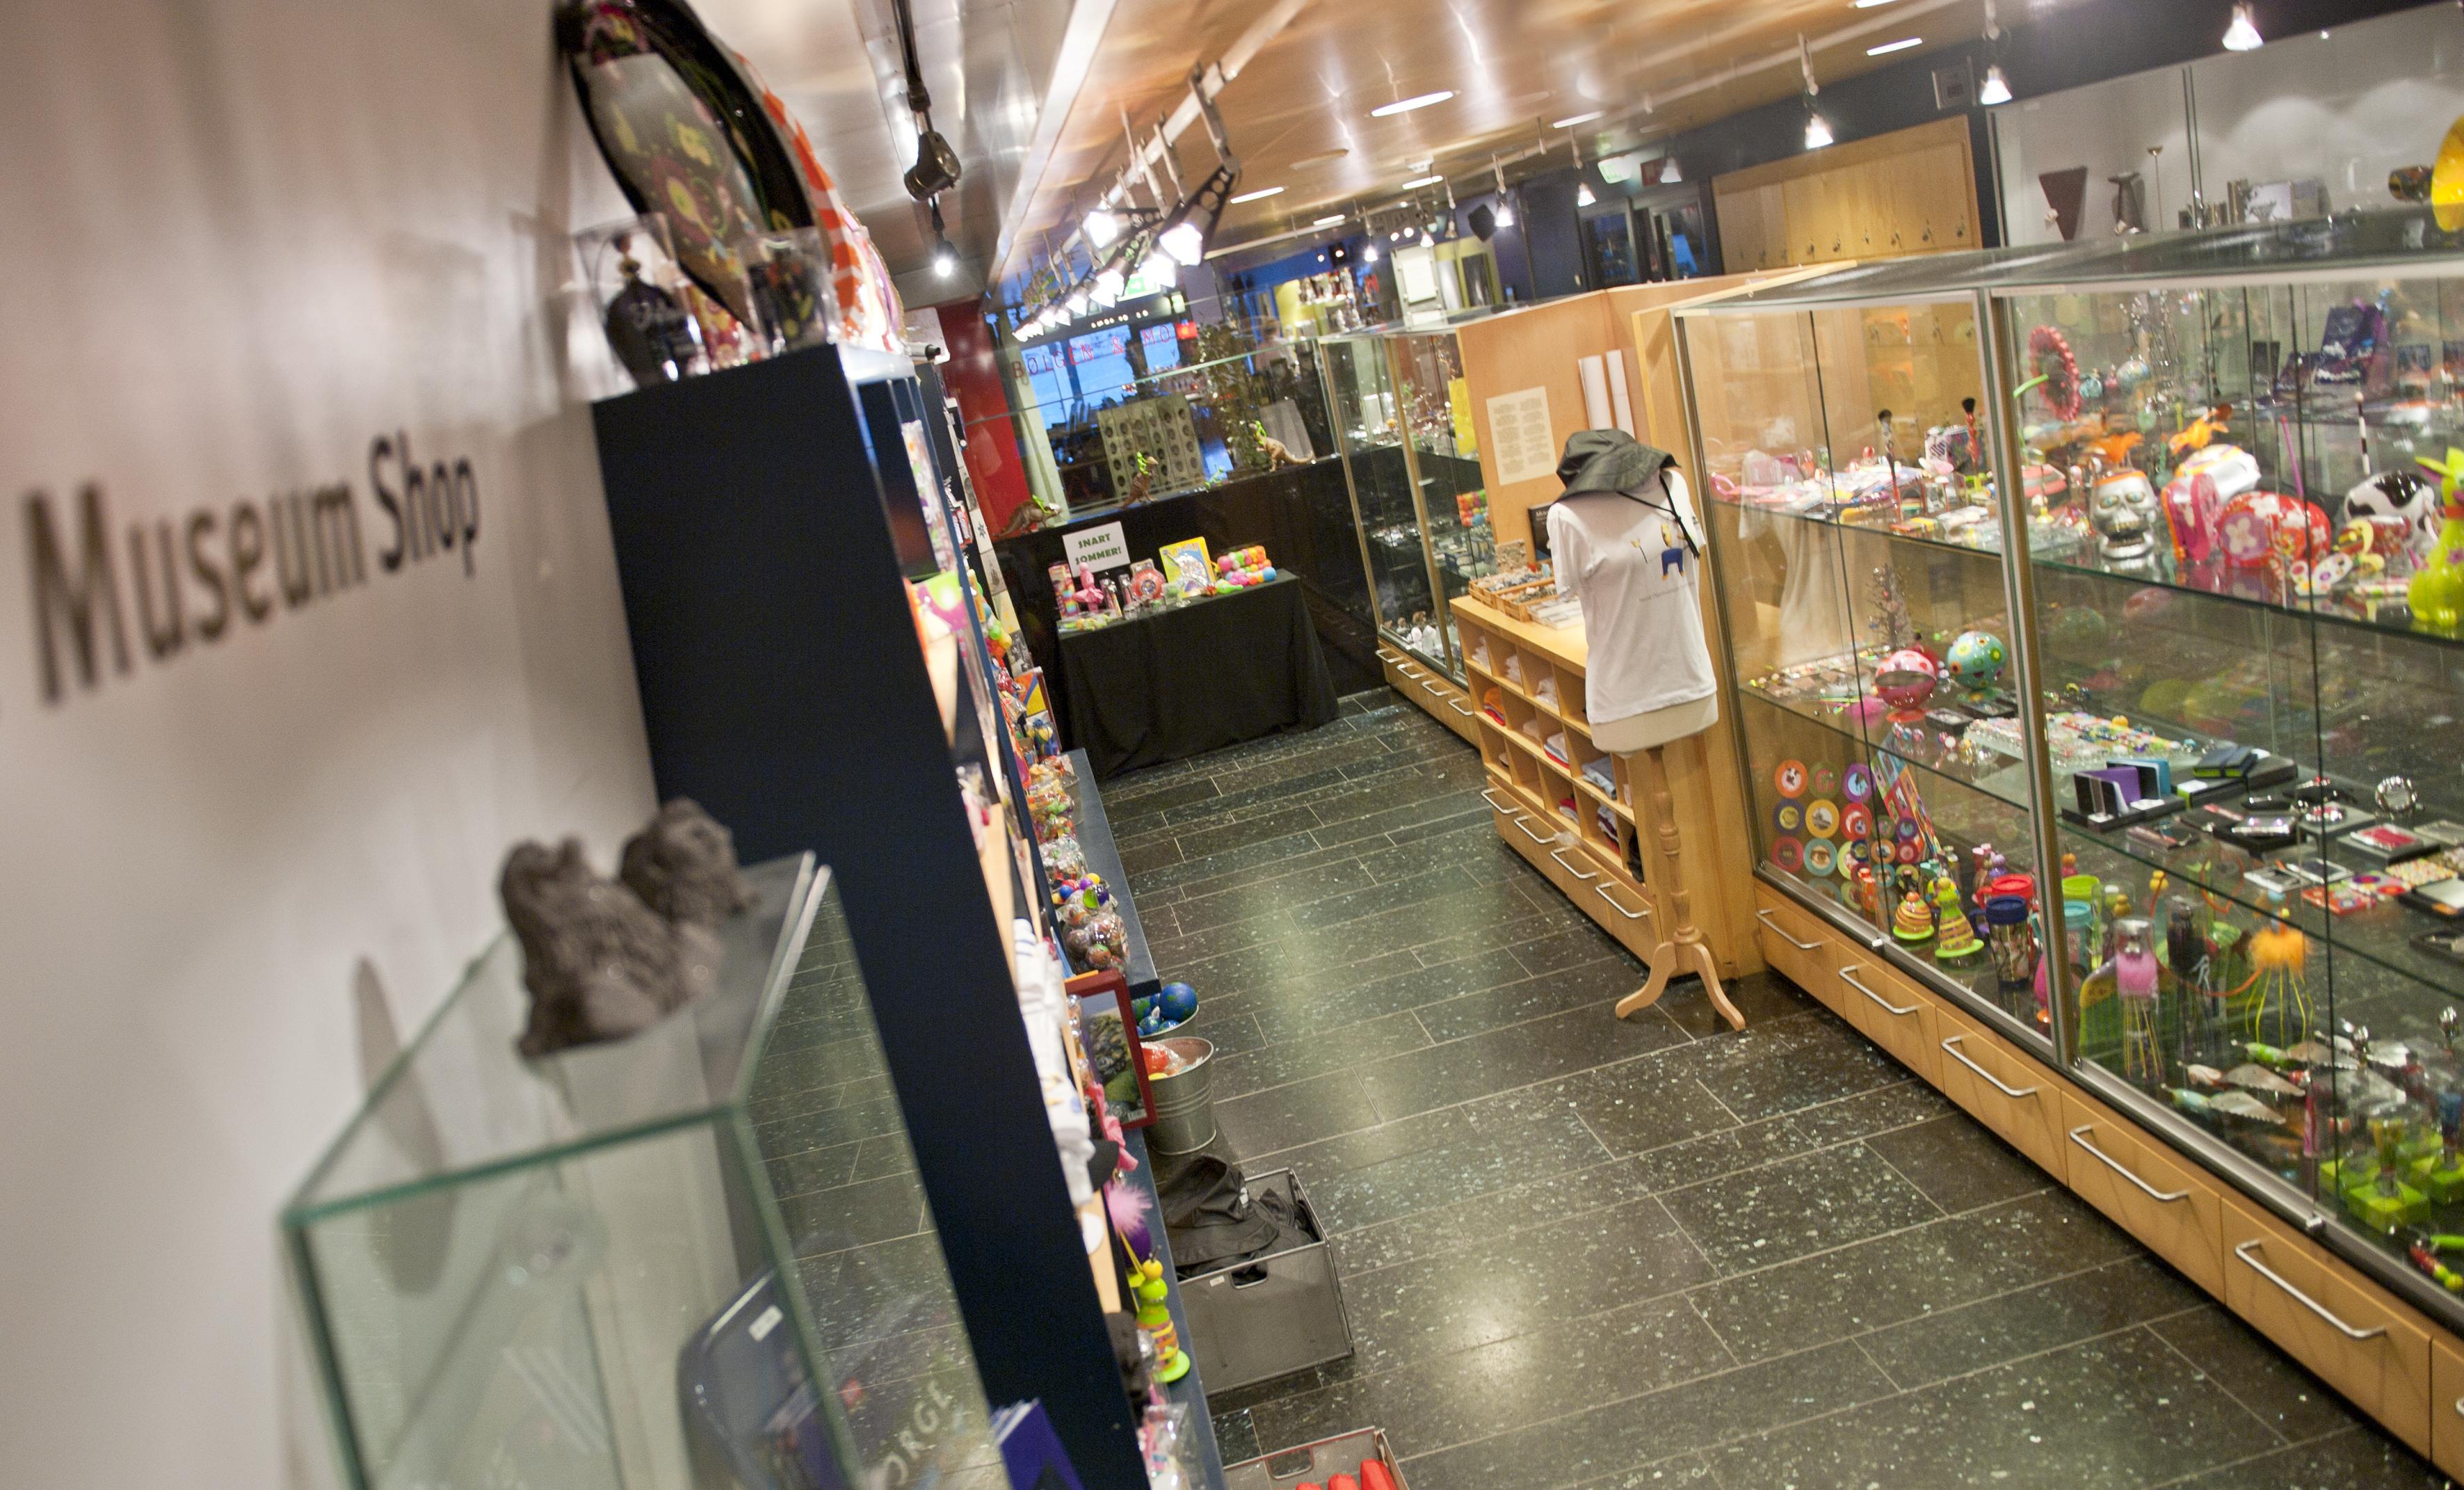 Museumsbutikken Foto: Shadé Barka Martins/NOM